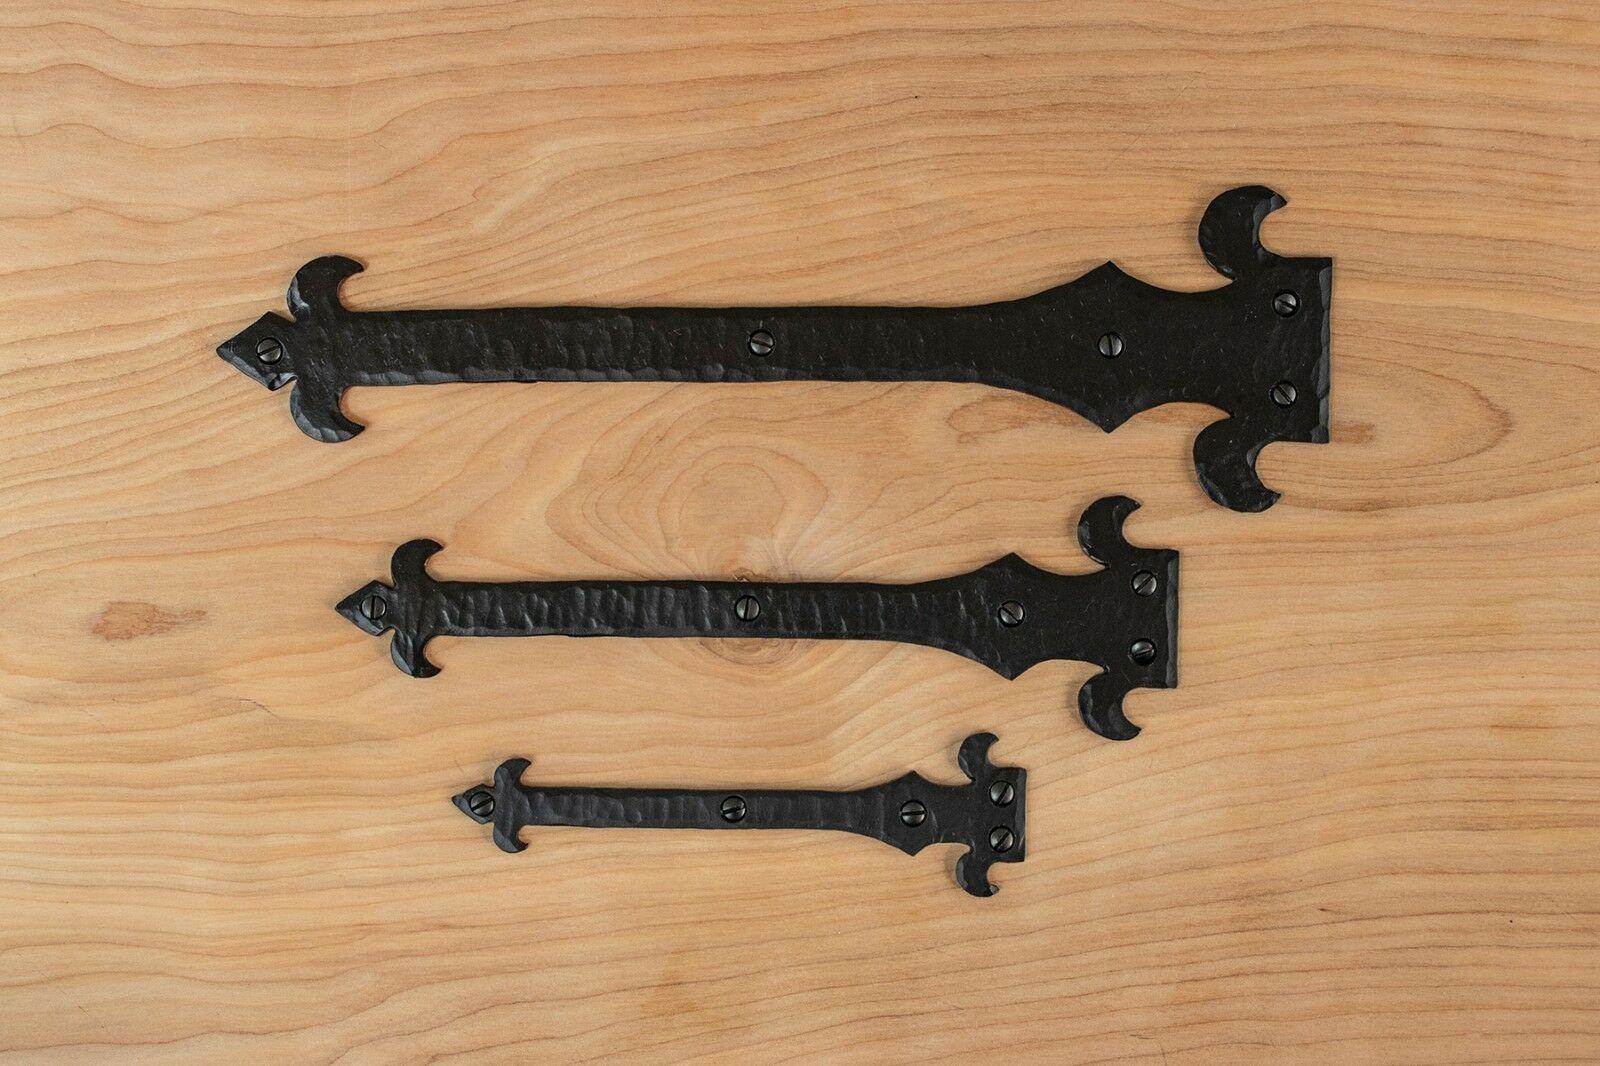 Iron T Hinge 12 9 6 Gate Hinge Decorative Hinge Gate Hardware Door Hardware Door Hinge Strap Hinge Rustic Iron Gate Hinges Iron Hardware Rustic Hardware